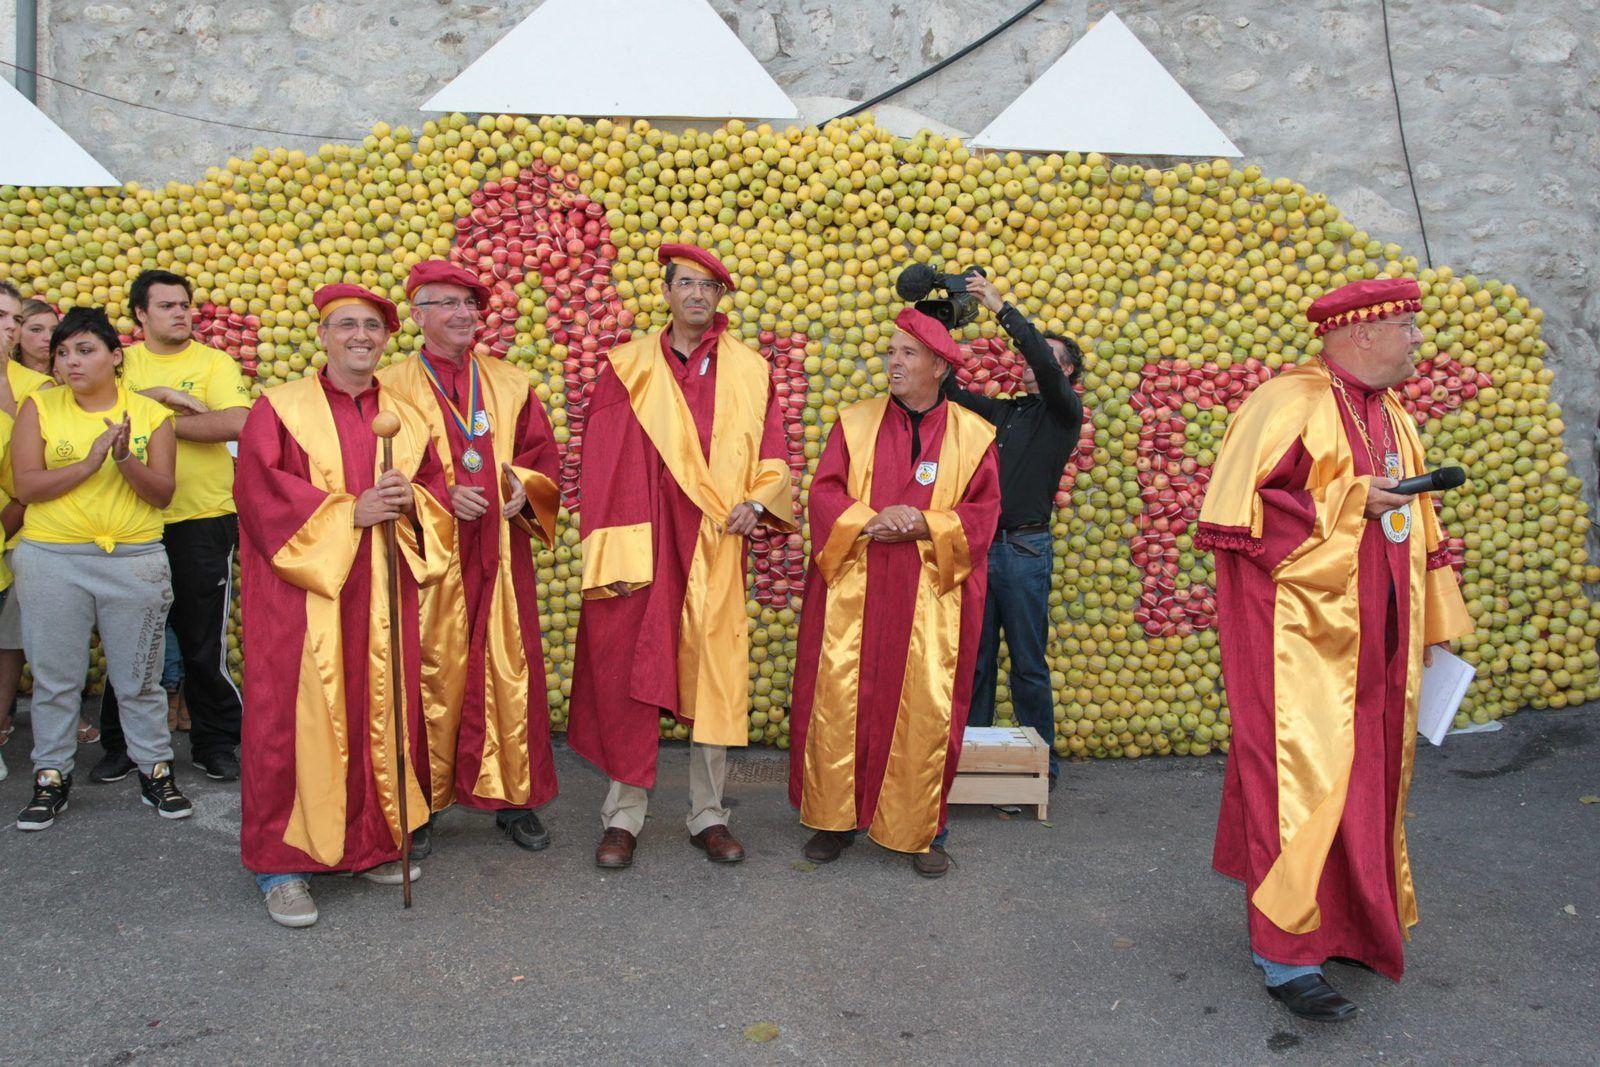 La pomme des Alpes en fête dans les Hautes-Alpes